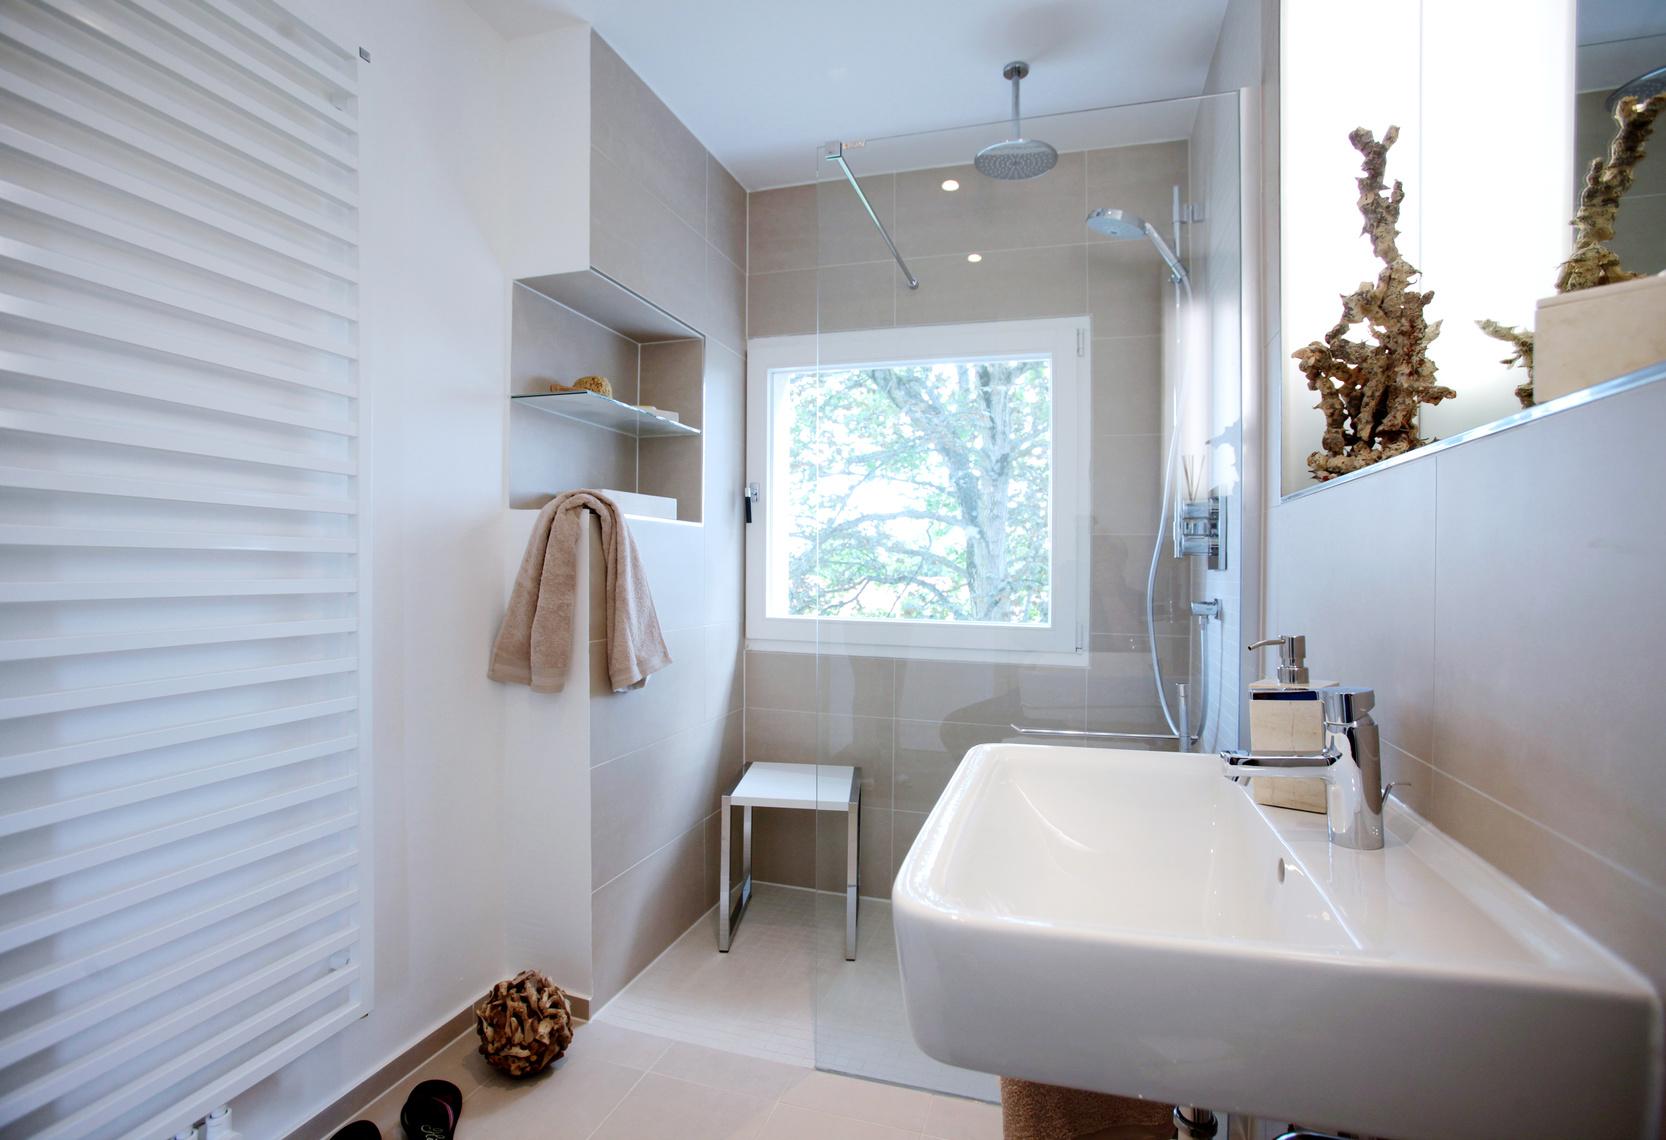 Badezimmer nach renovierung zero therm for Renovierung badezimmer